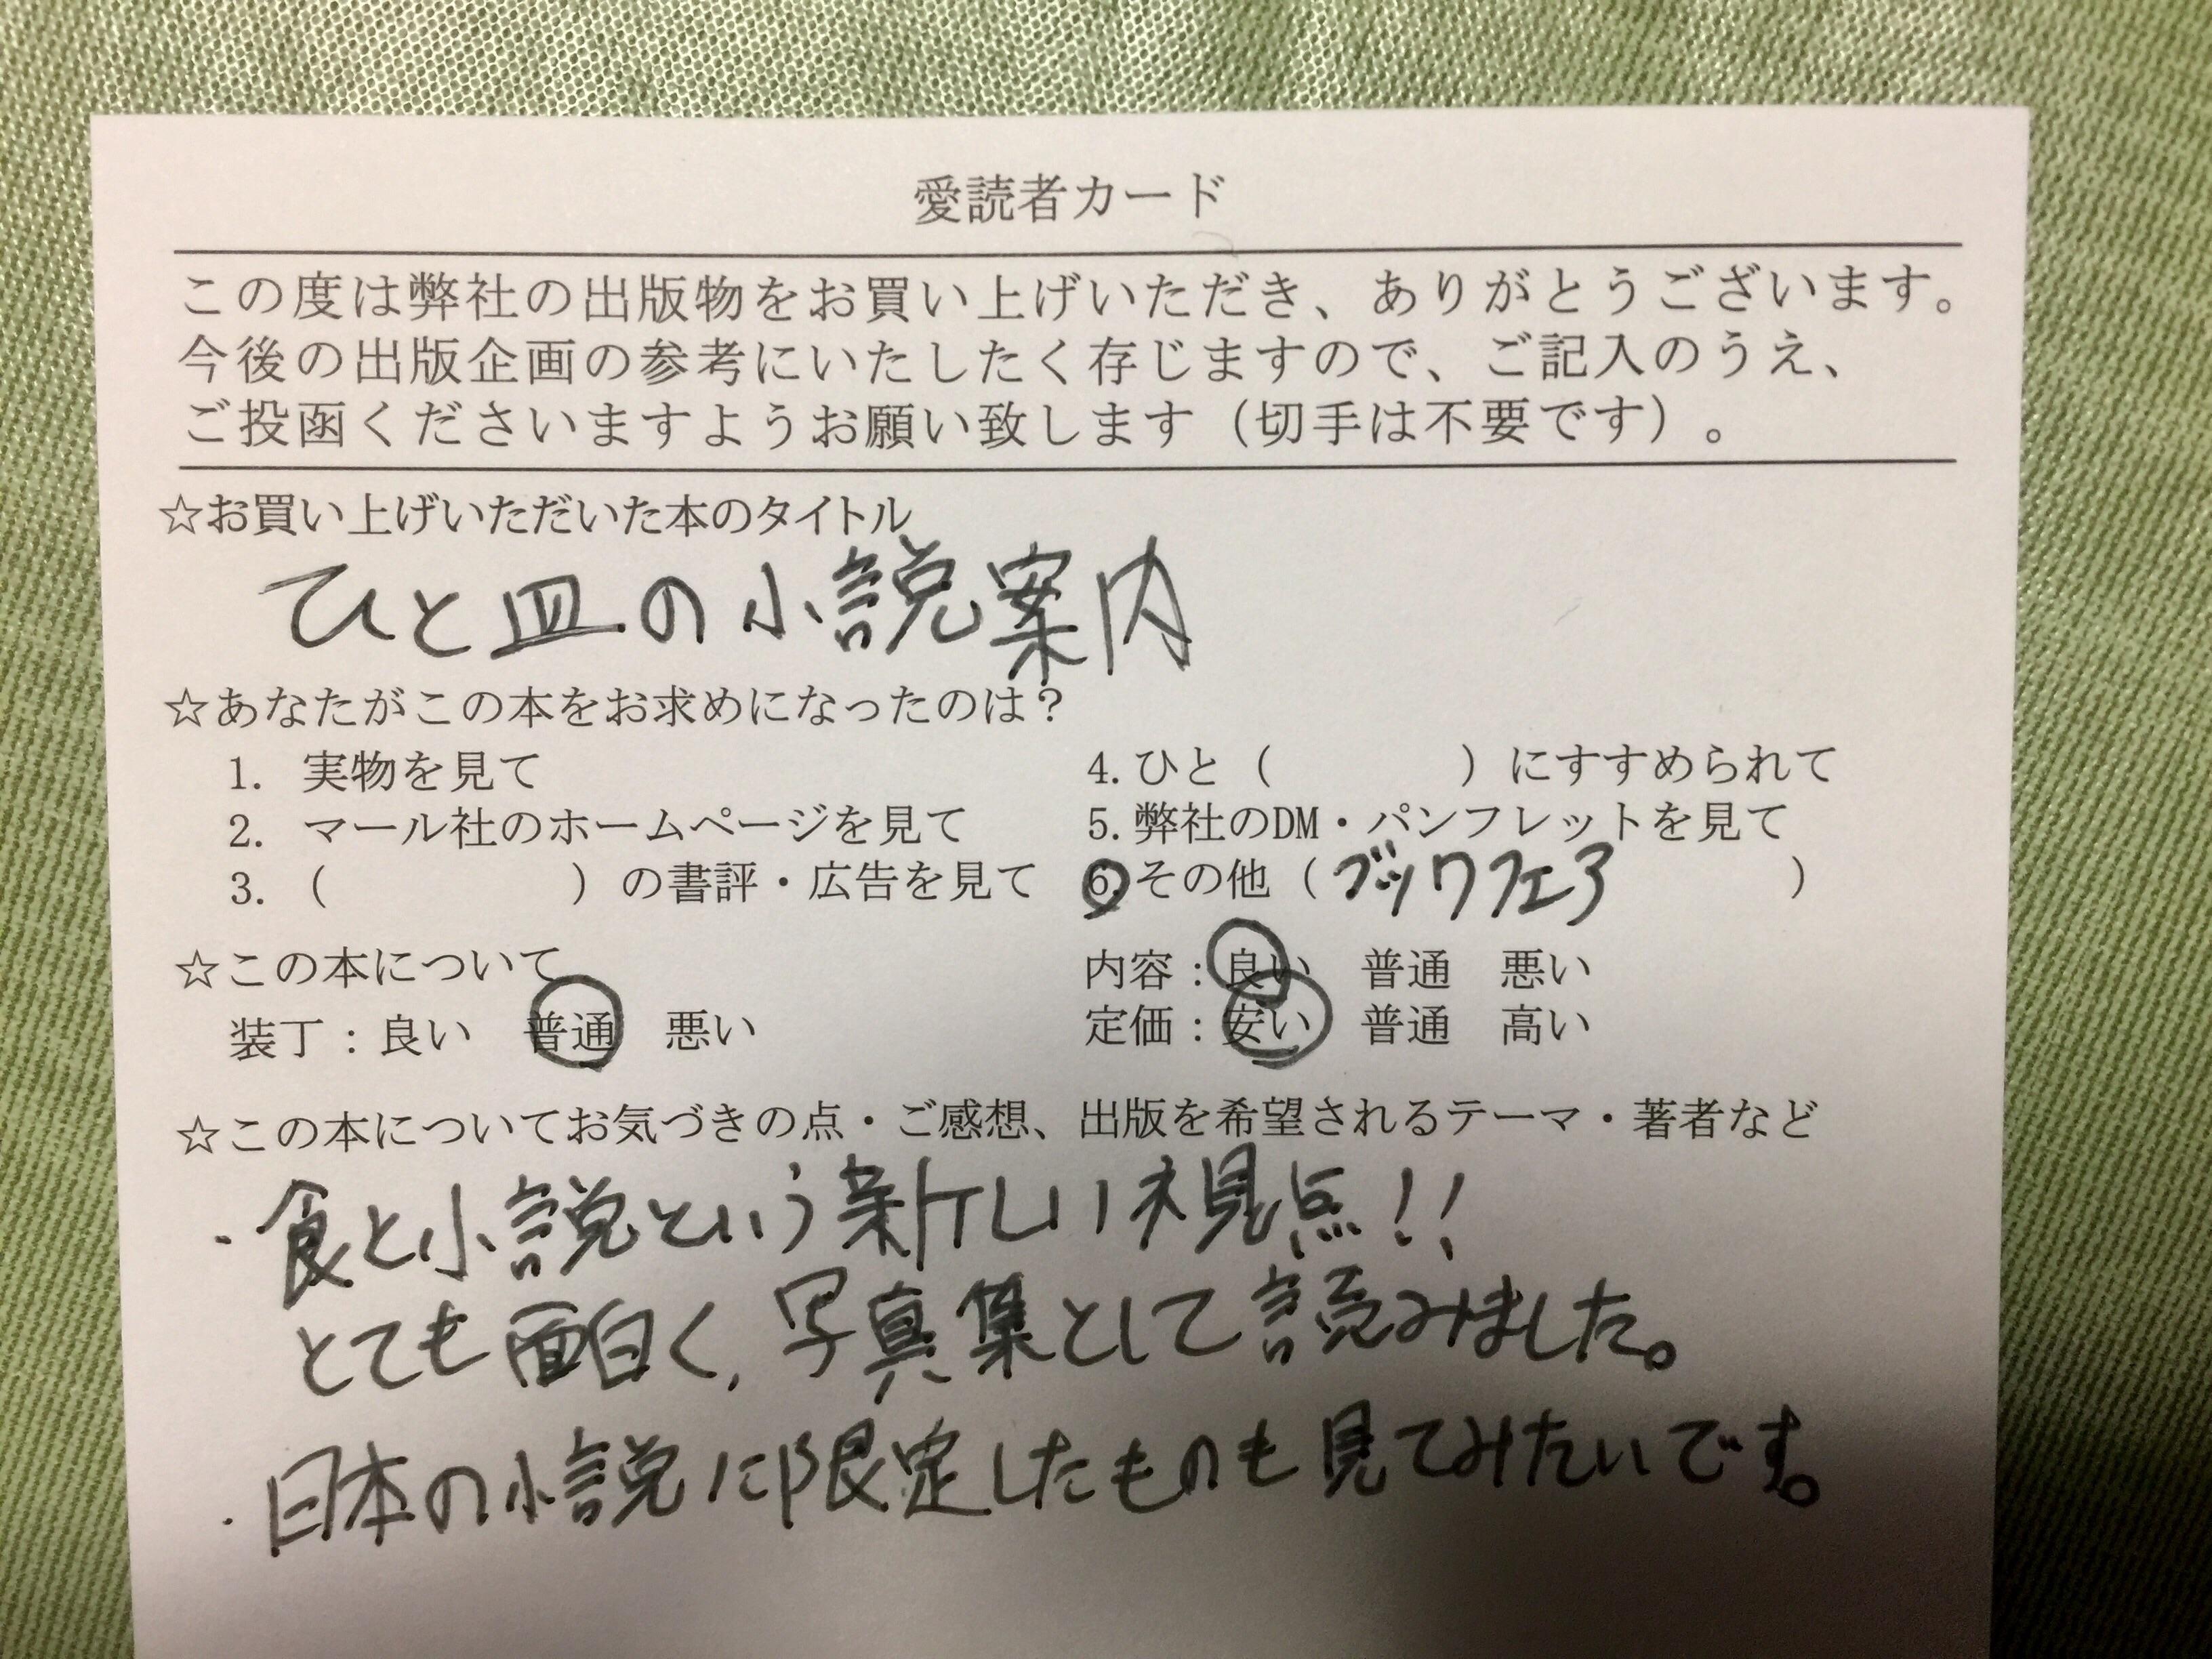 マール社 『ひと皿の小説案内』 料理